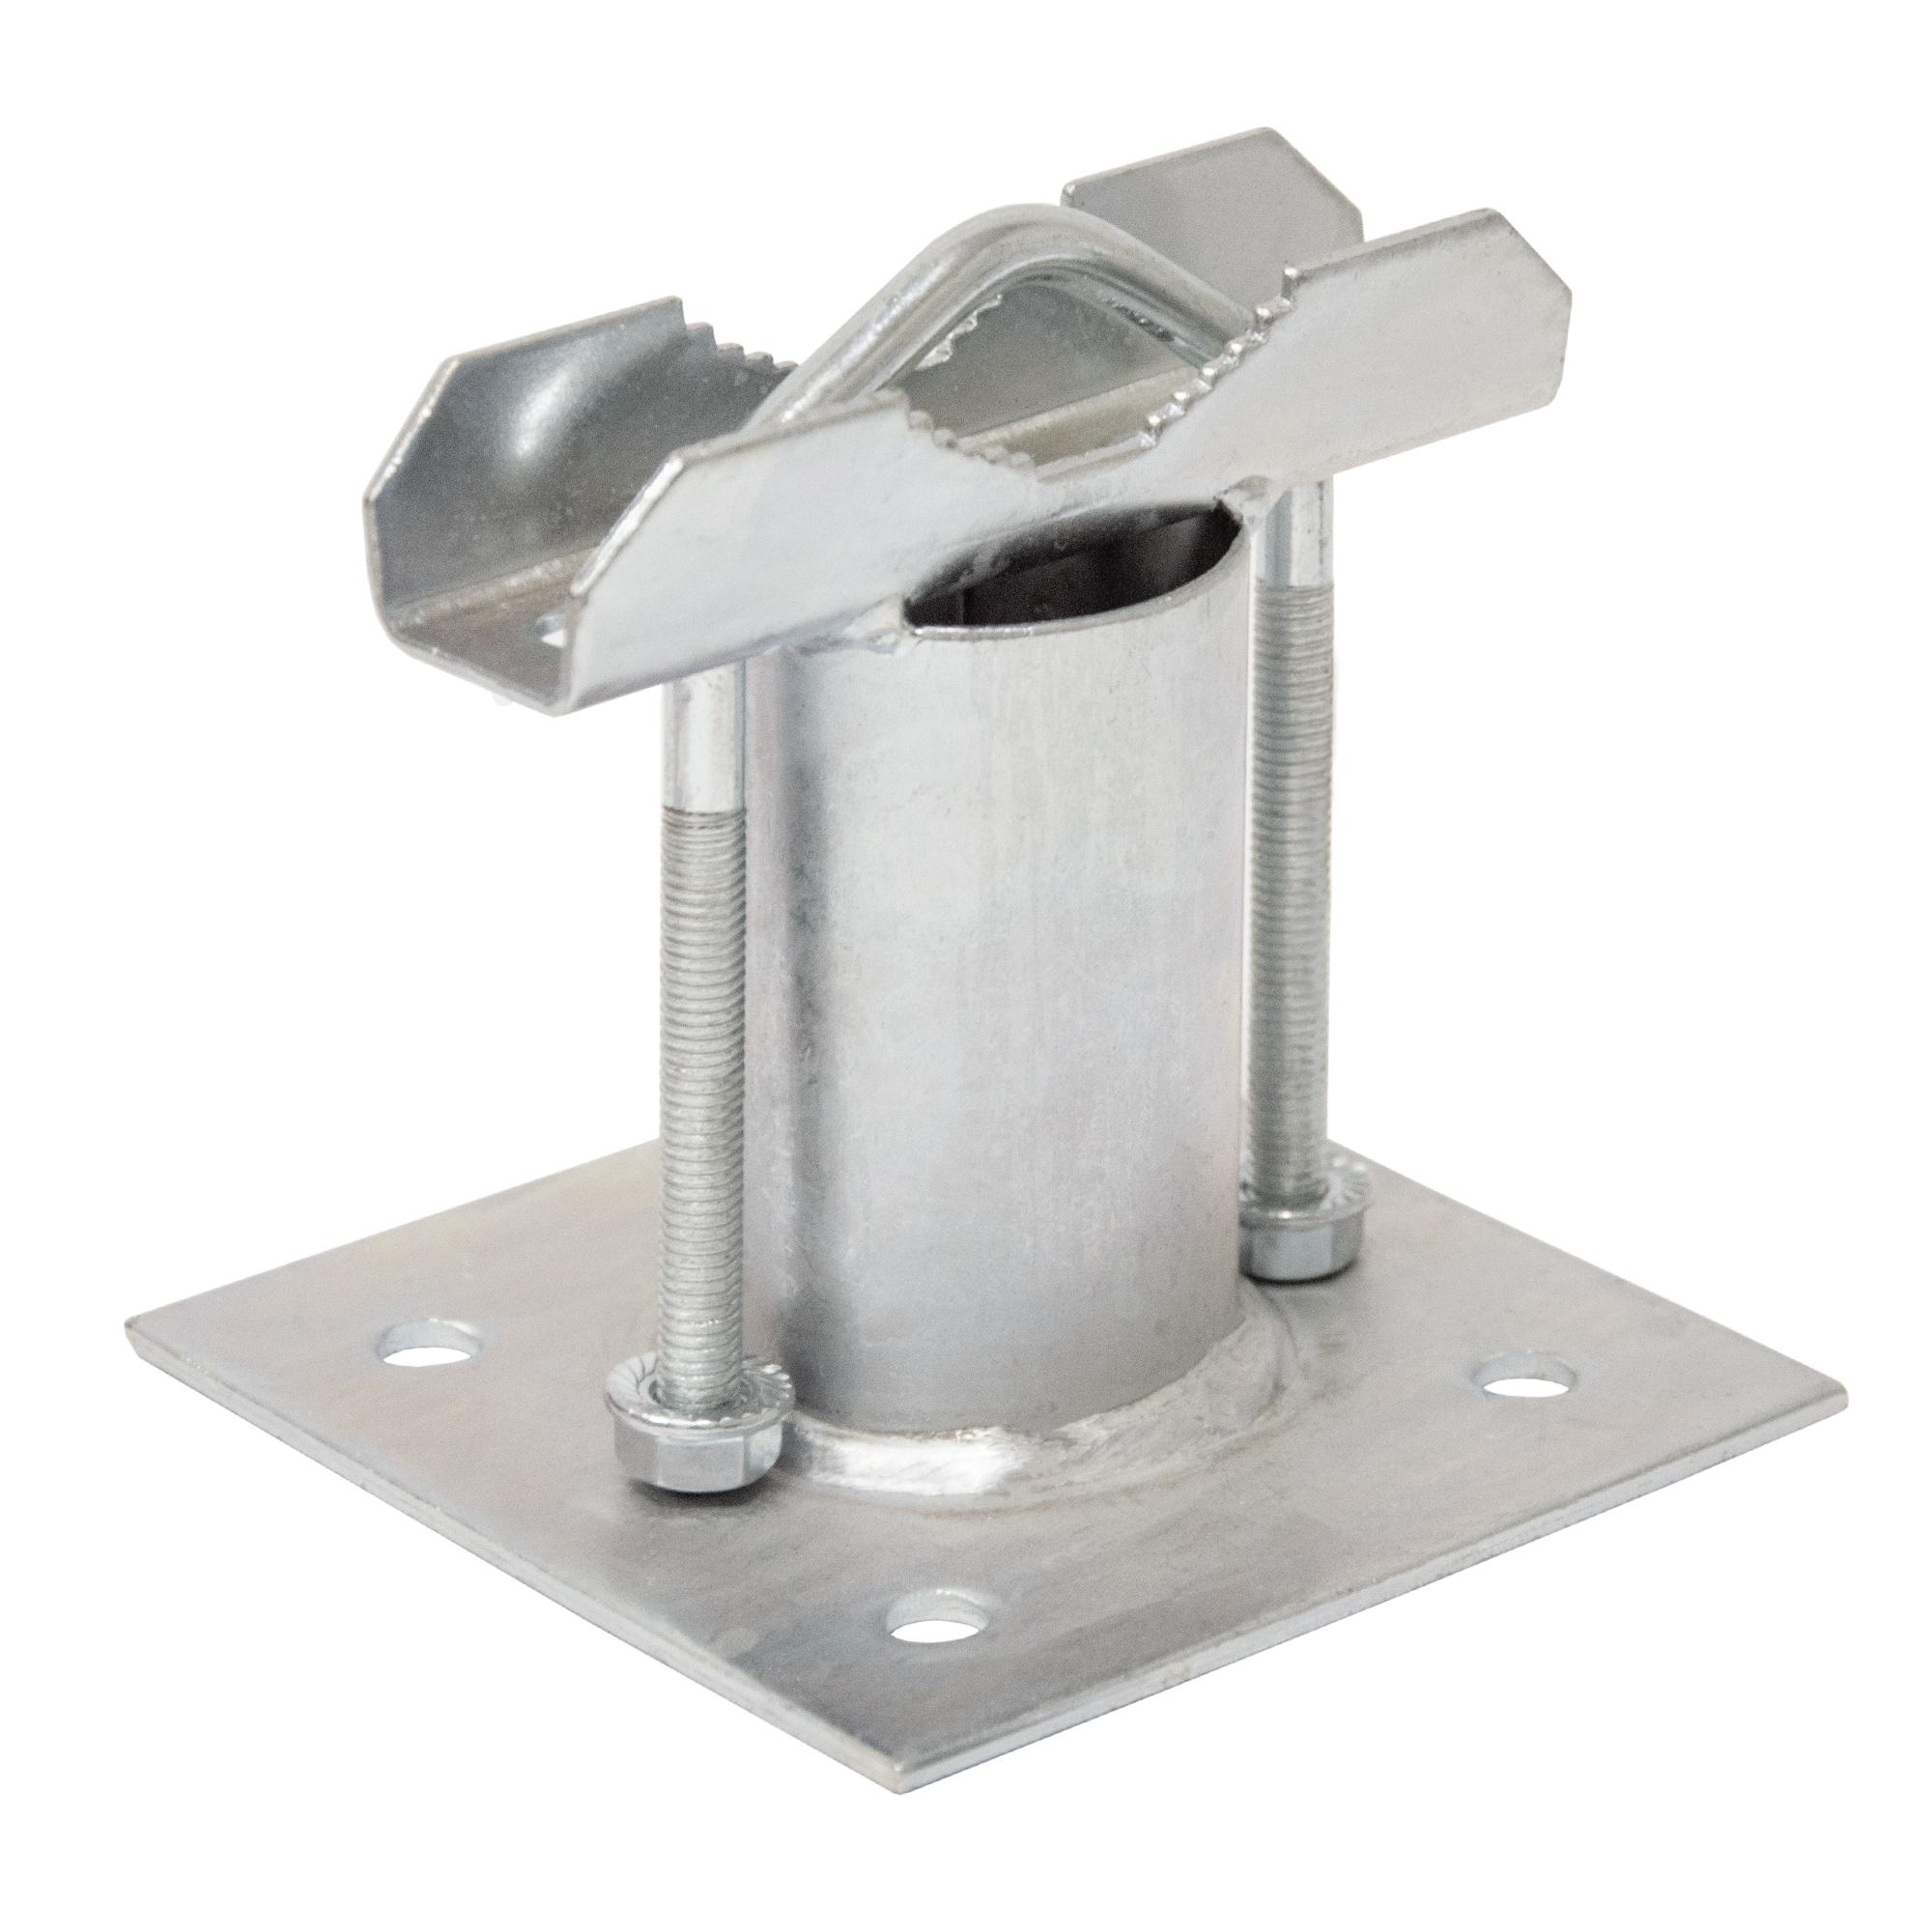 PremiumX SAT Rohrschelle für Wandausleger Mast, 1x Zahnschelle